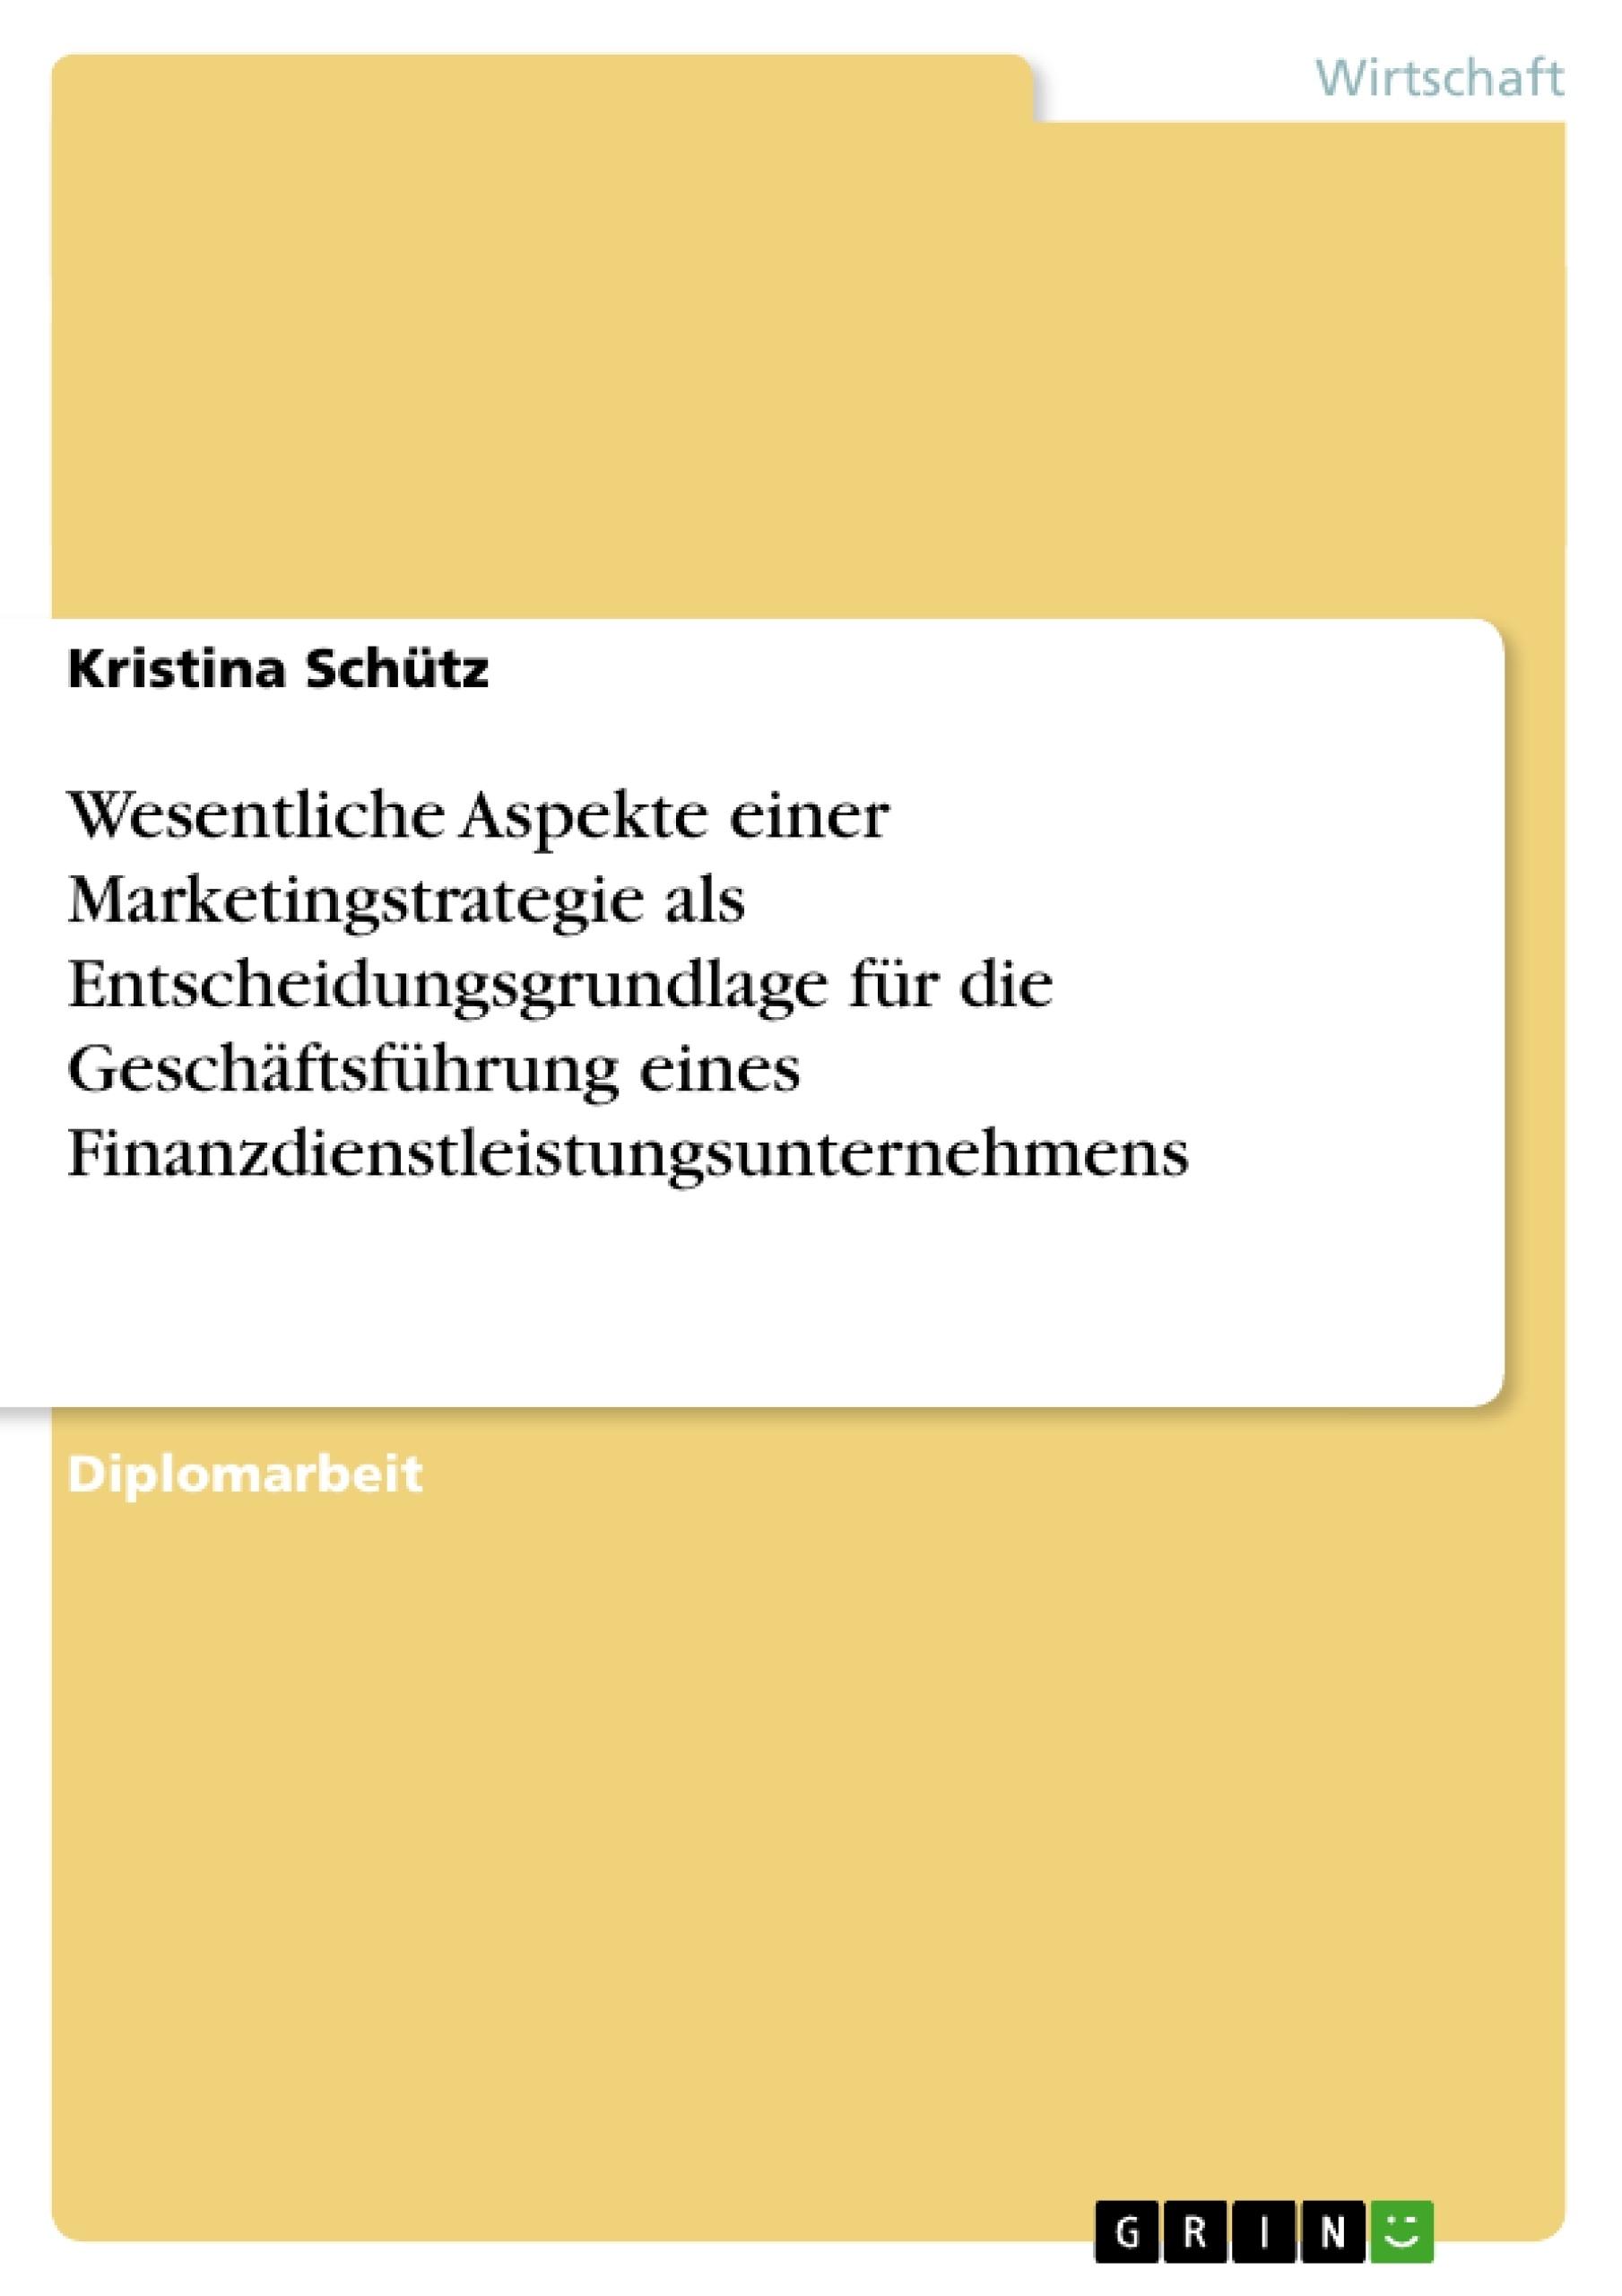 Titel: Wesentliche Aspekte einer Marketingstrategie als Entscheidungsgrundlage für die Geschäftsführung eines Finanzdienstleistungsunternehmens